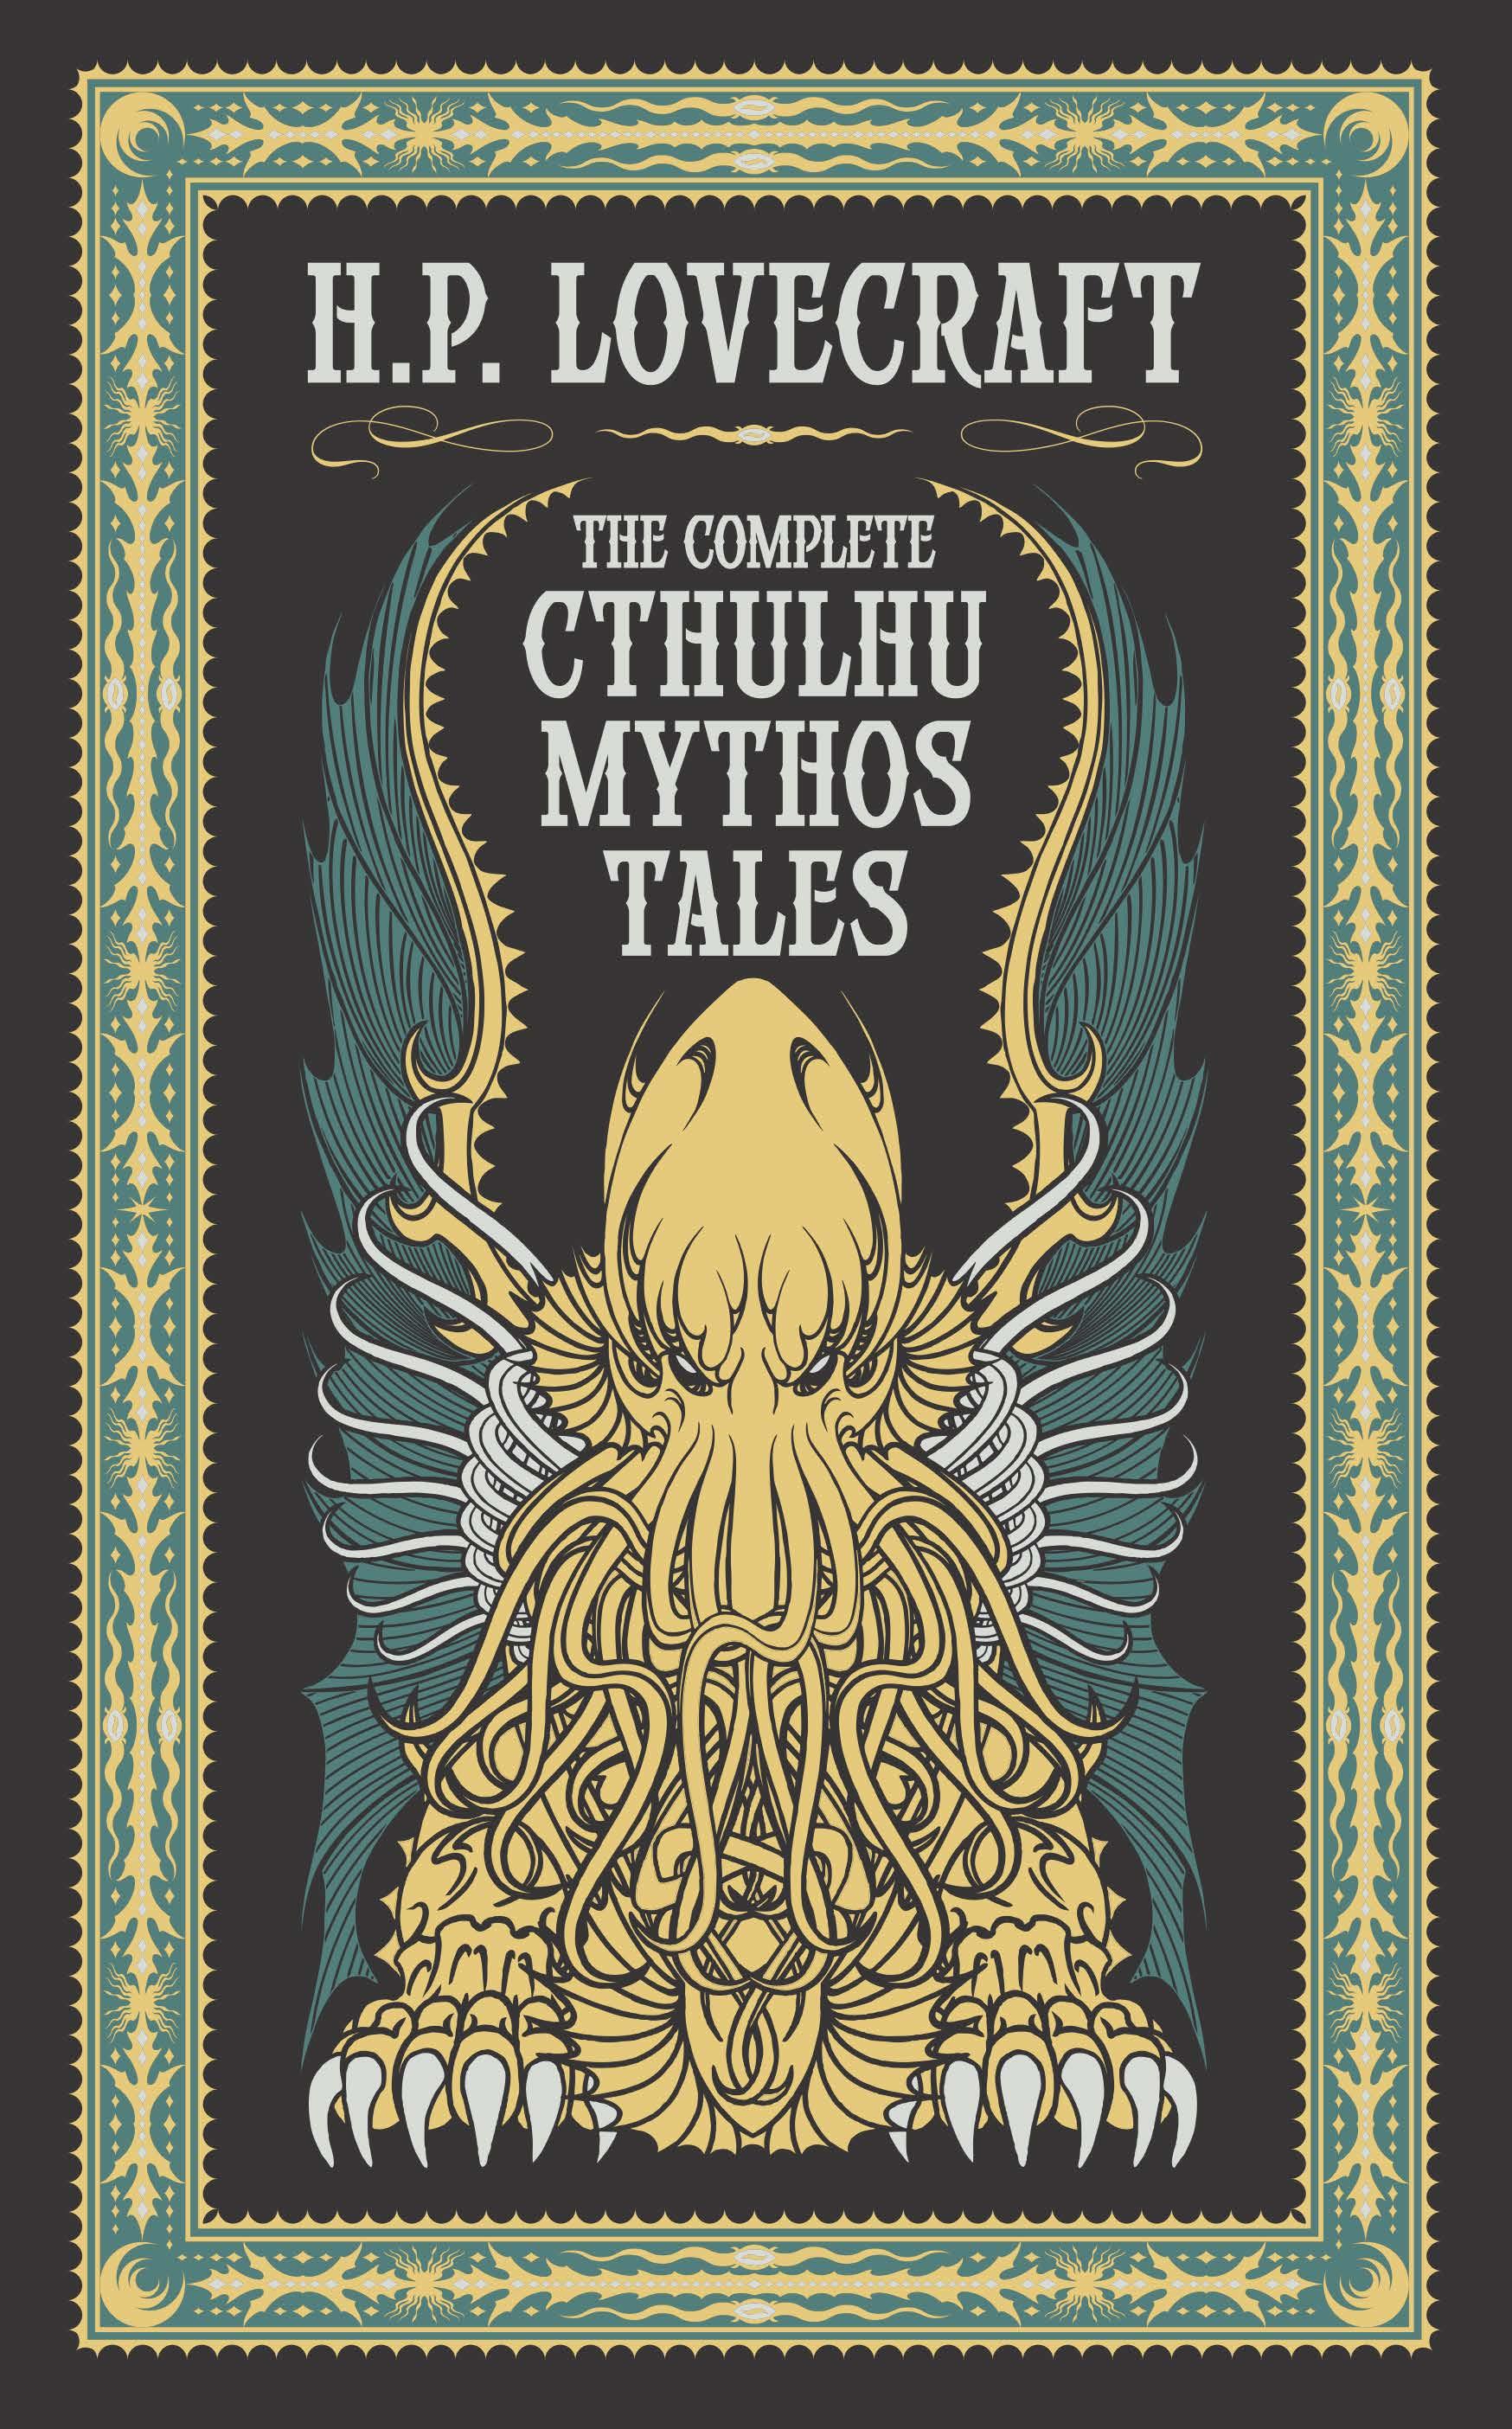 Cthulhu Mythos